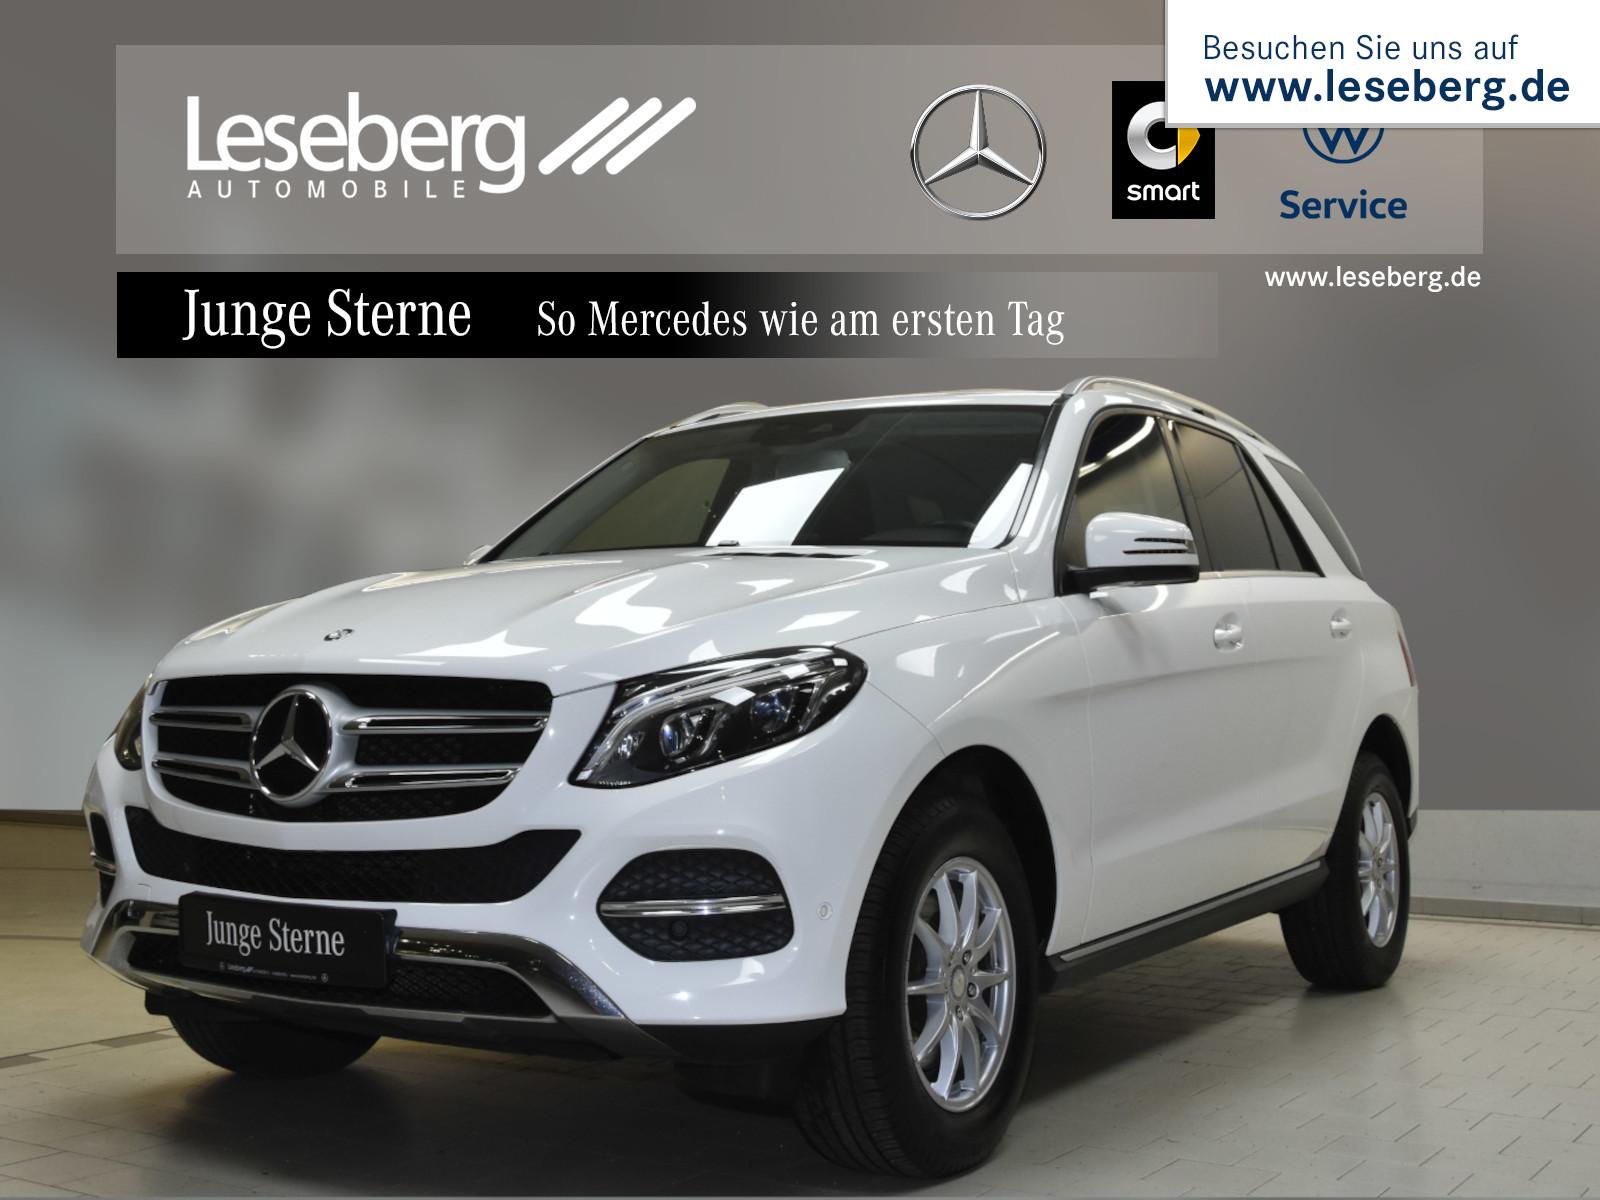 Mercedes-Benz GLE 350 d 4M 9G/LED/Comand/SHD/PTS/DWA/Sitzhzg., Jahr 2016, Diesel